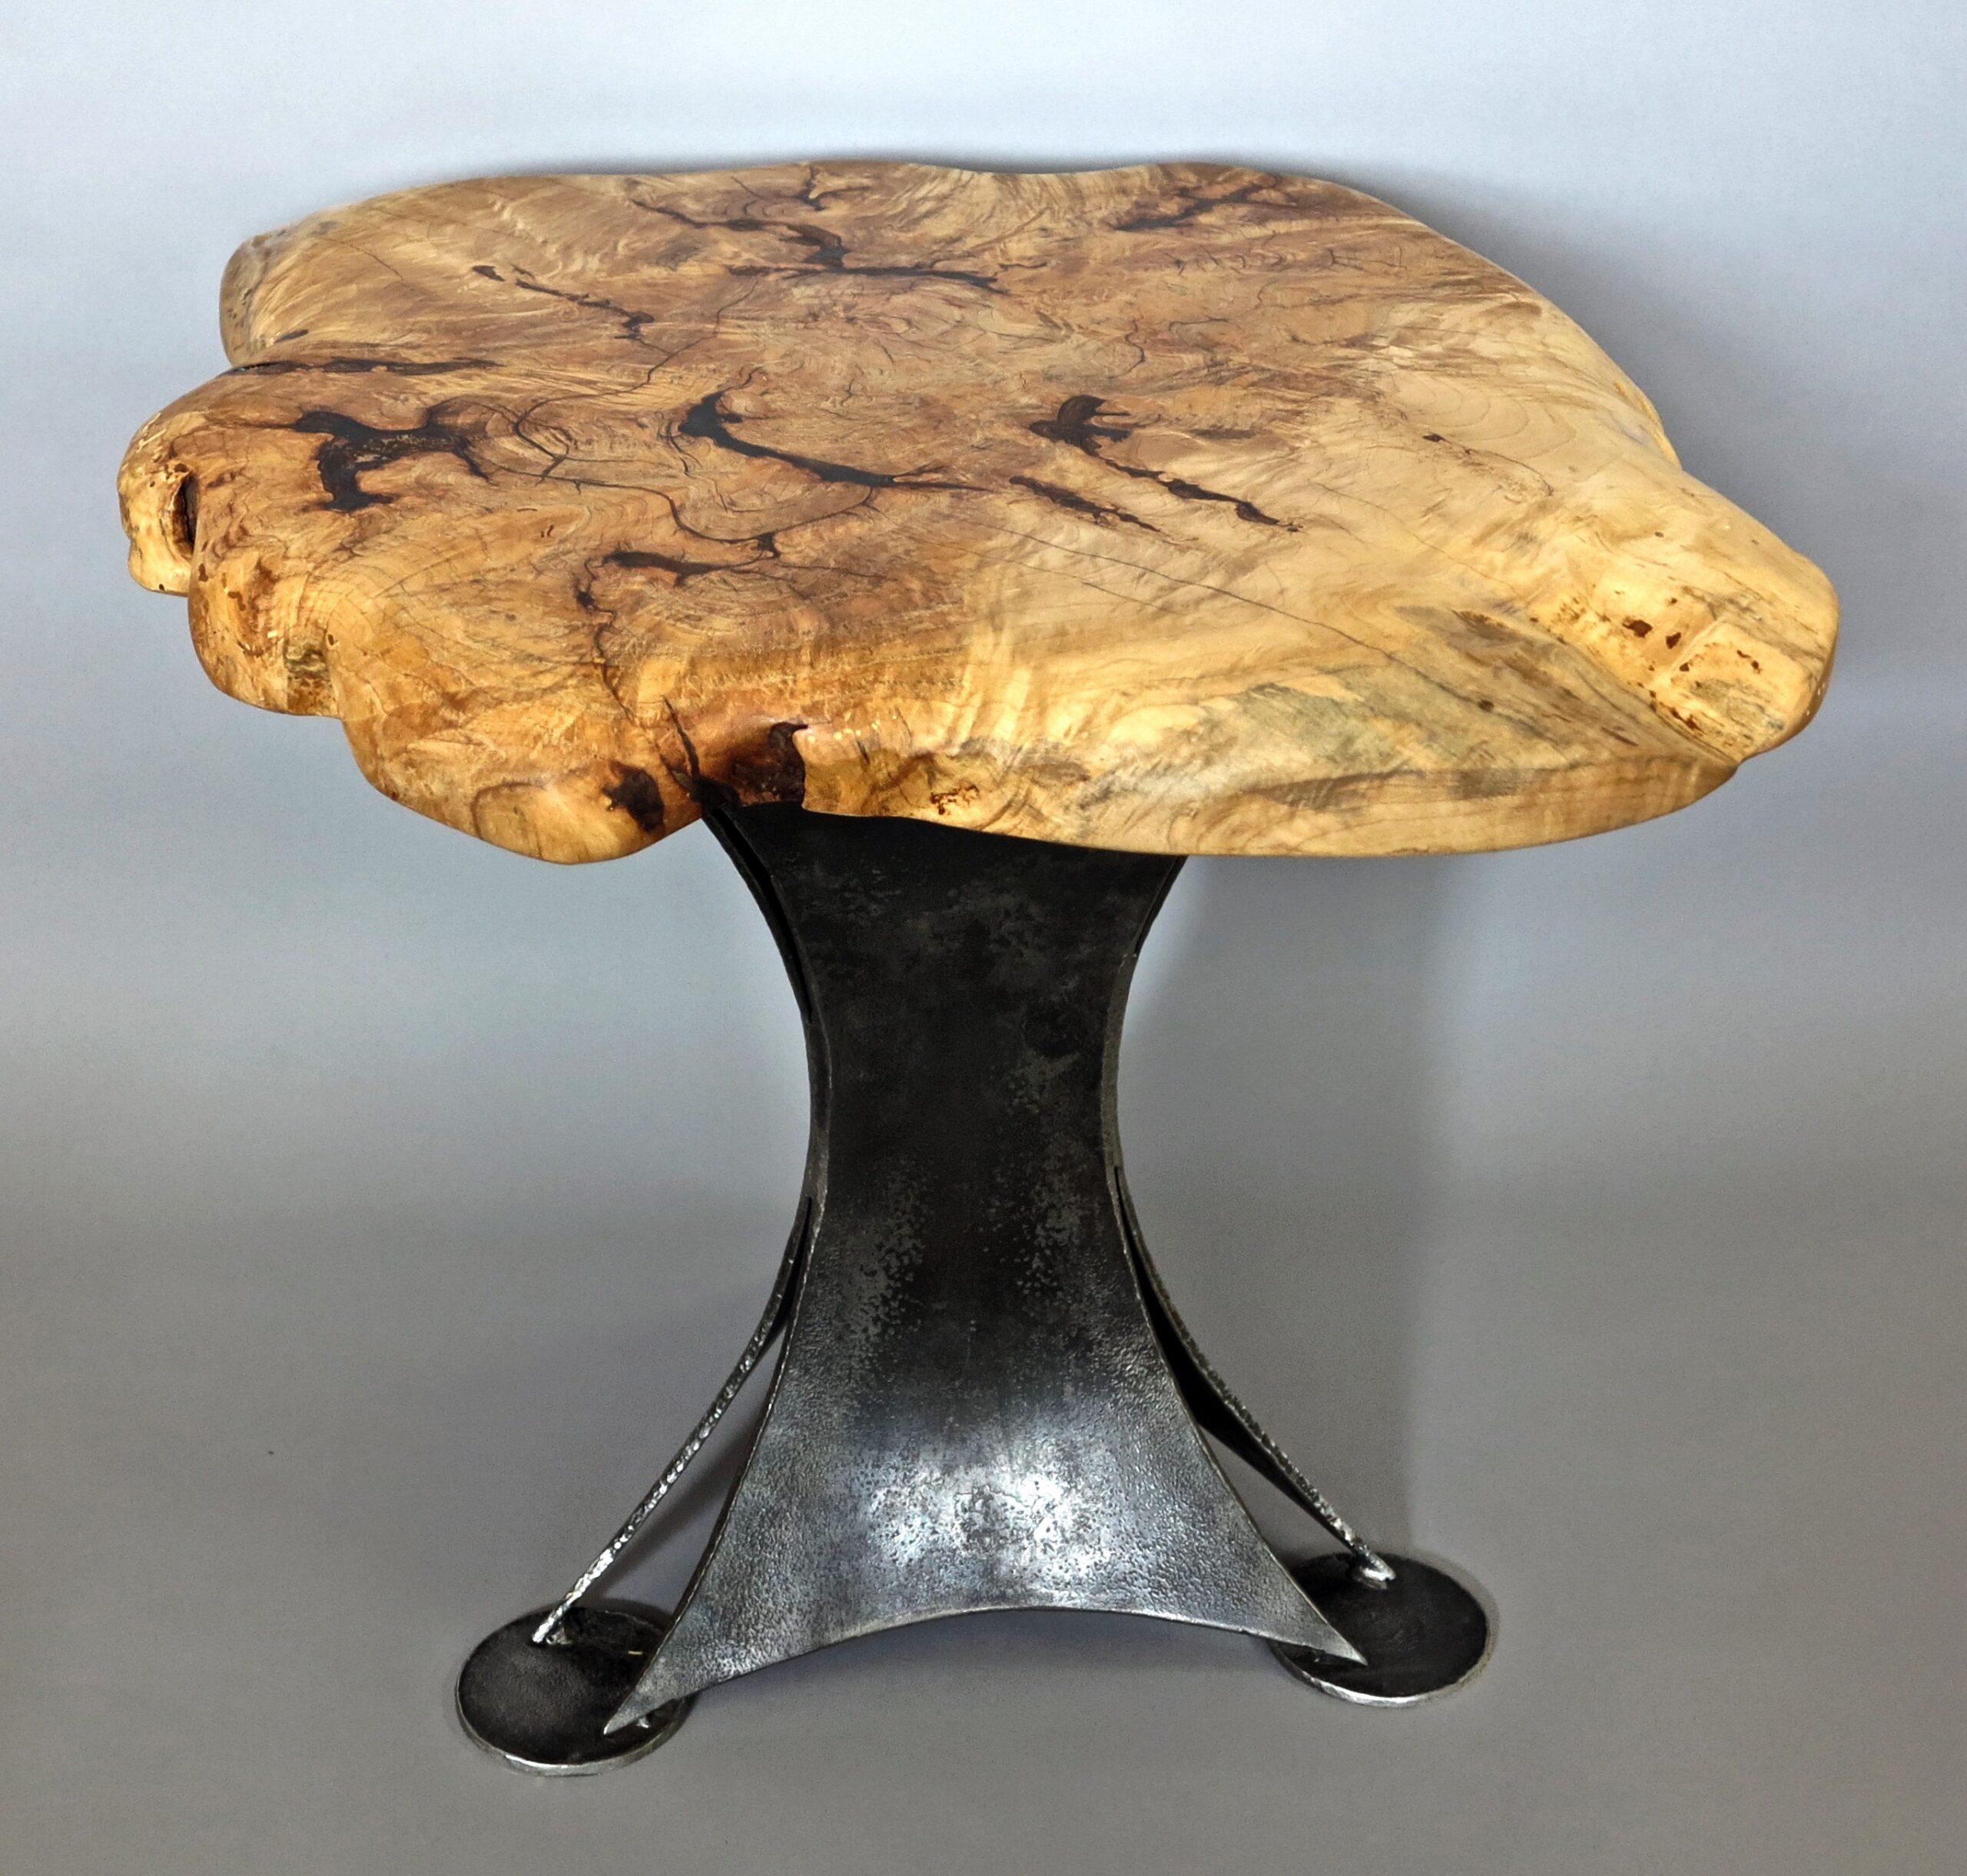 Forged toad stool mushroom table